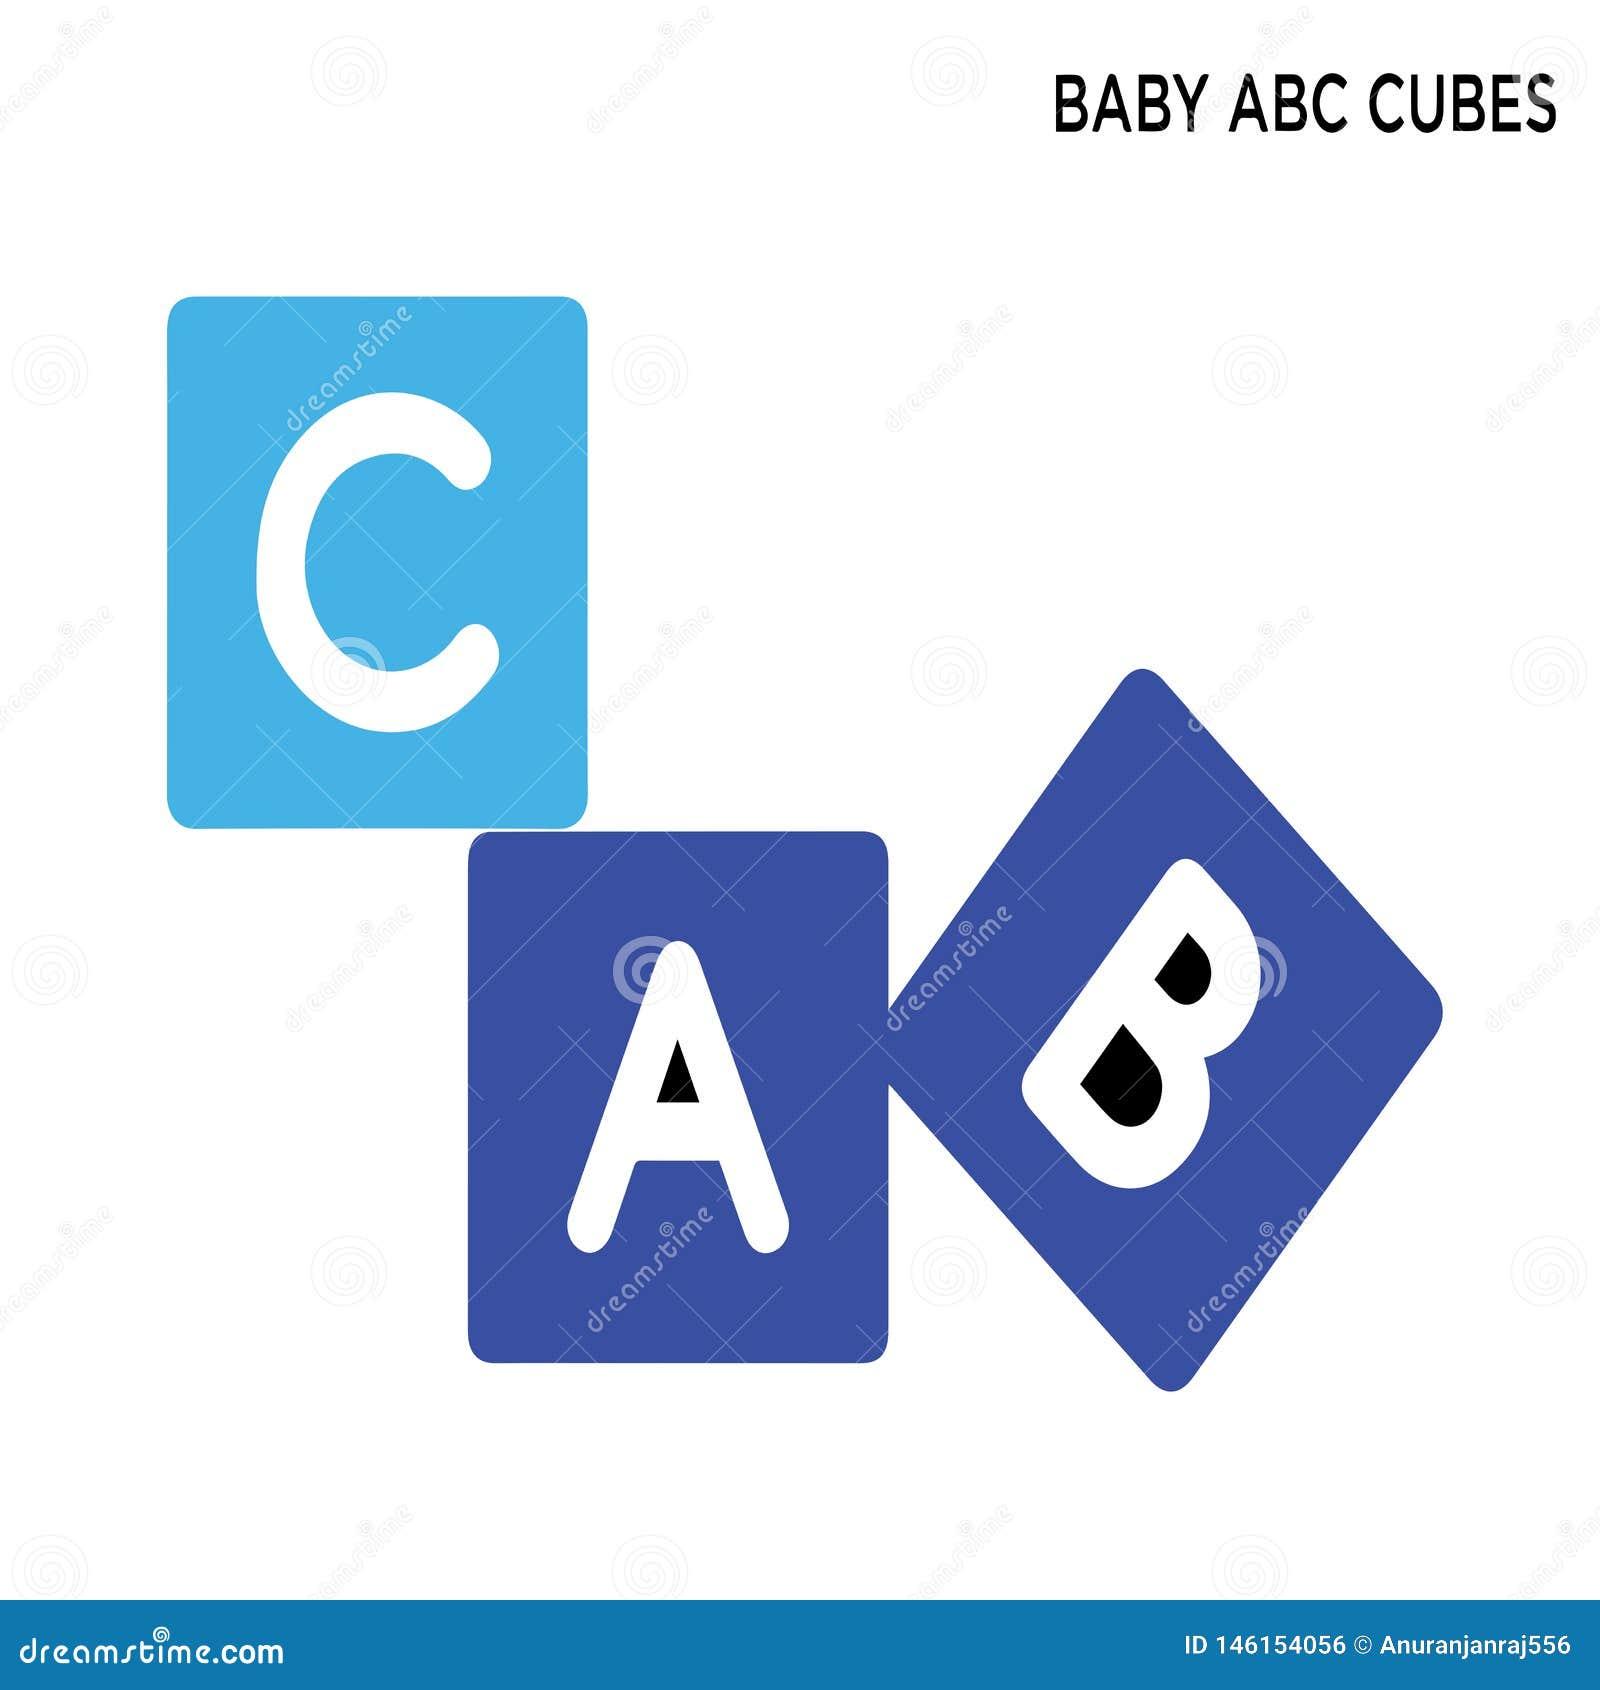 Icône de cubes en ABC de bébé